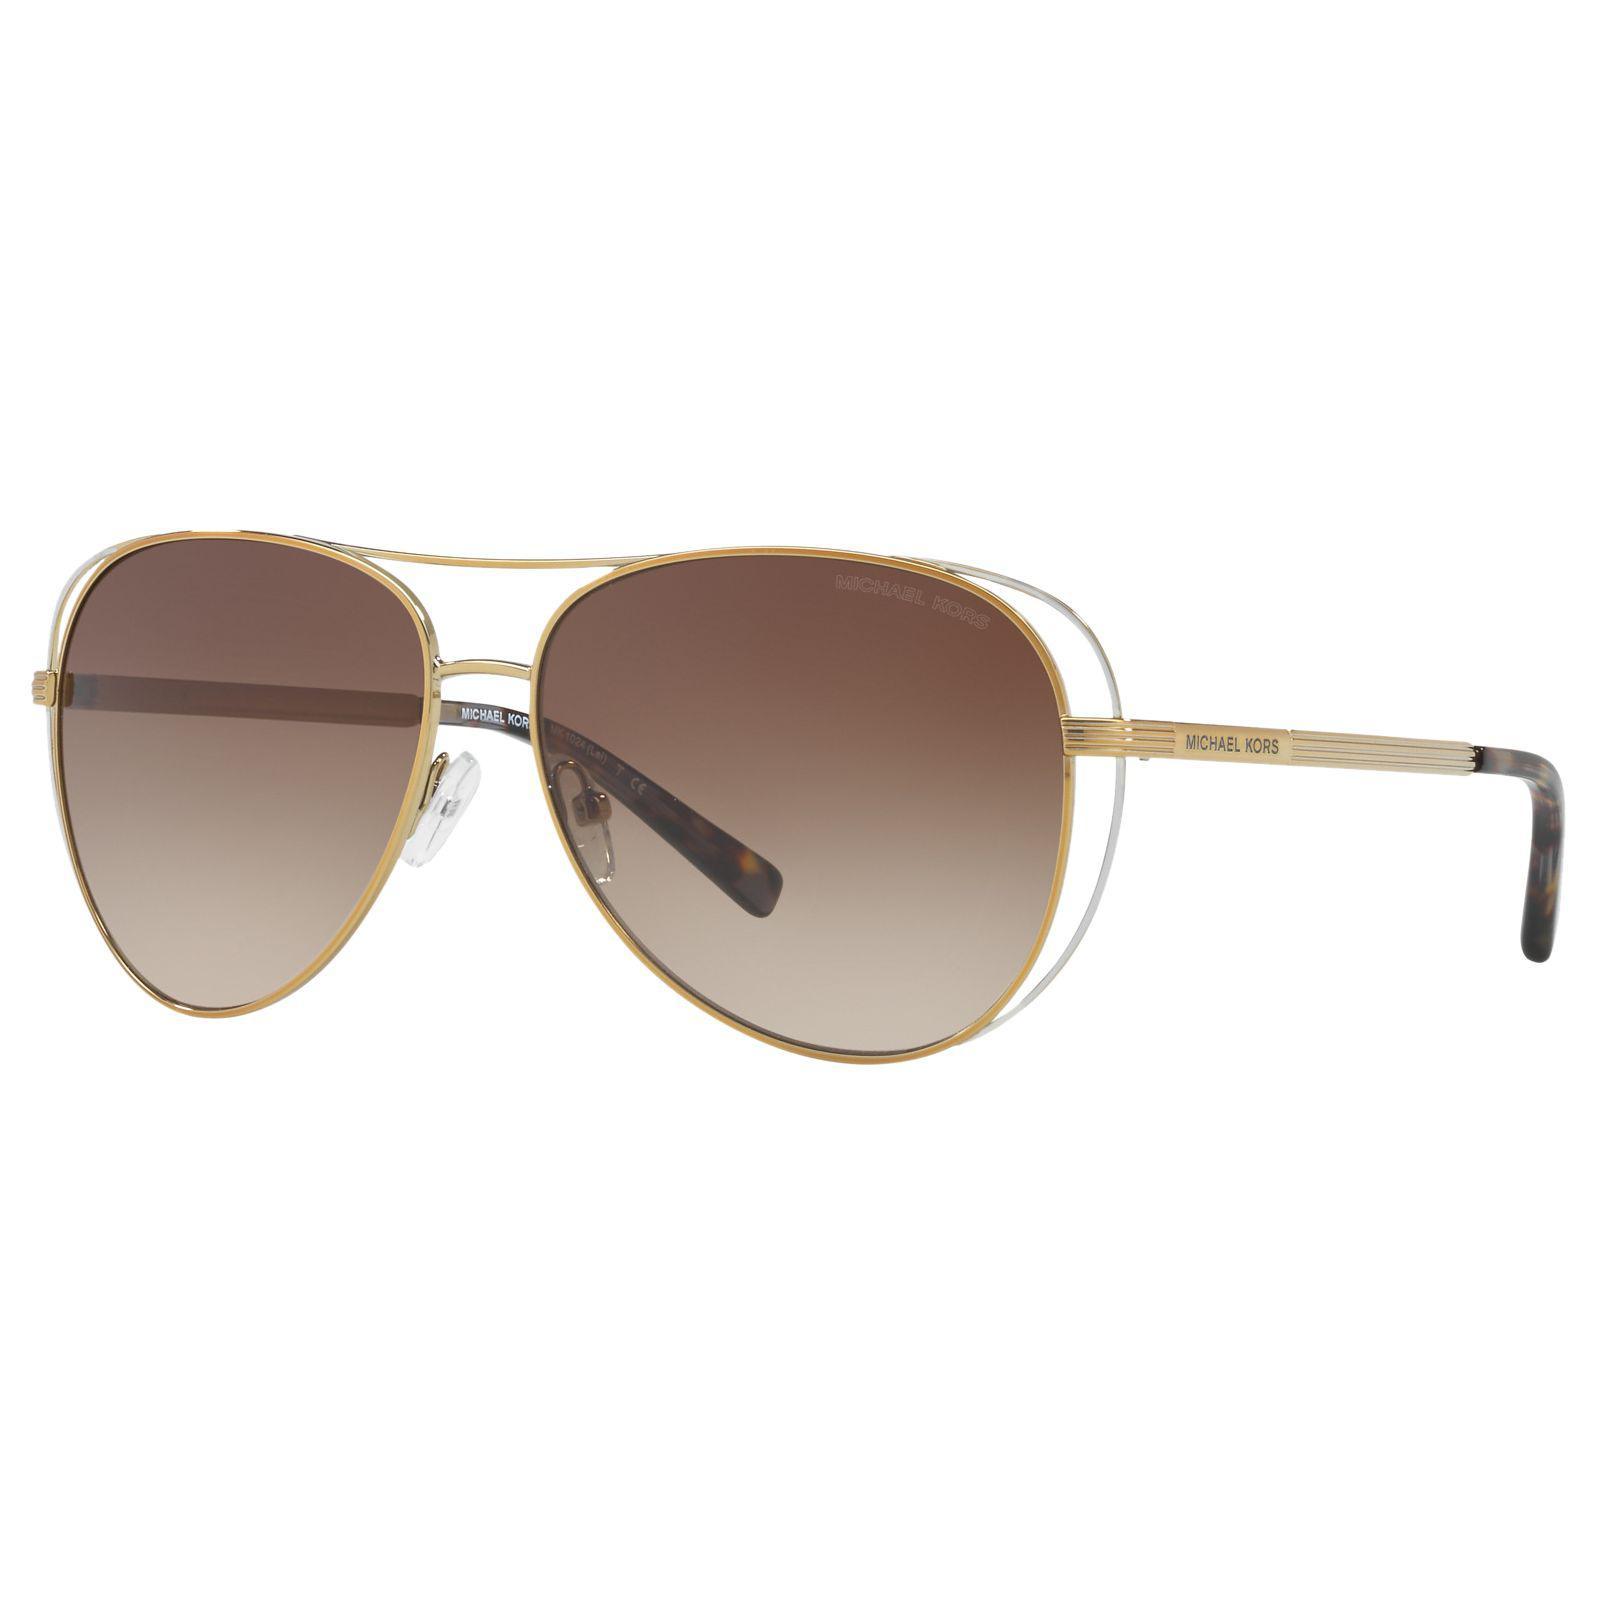 c8b8a0b6c9 Michael Kors Mk1024 Lai Aviator Sunglasses in Brown - Lyst